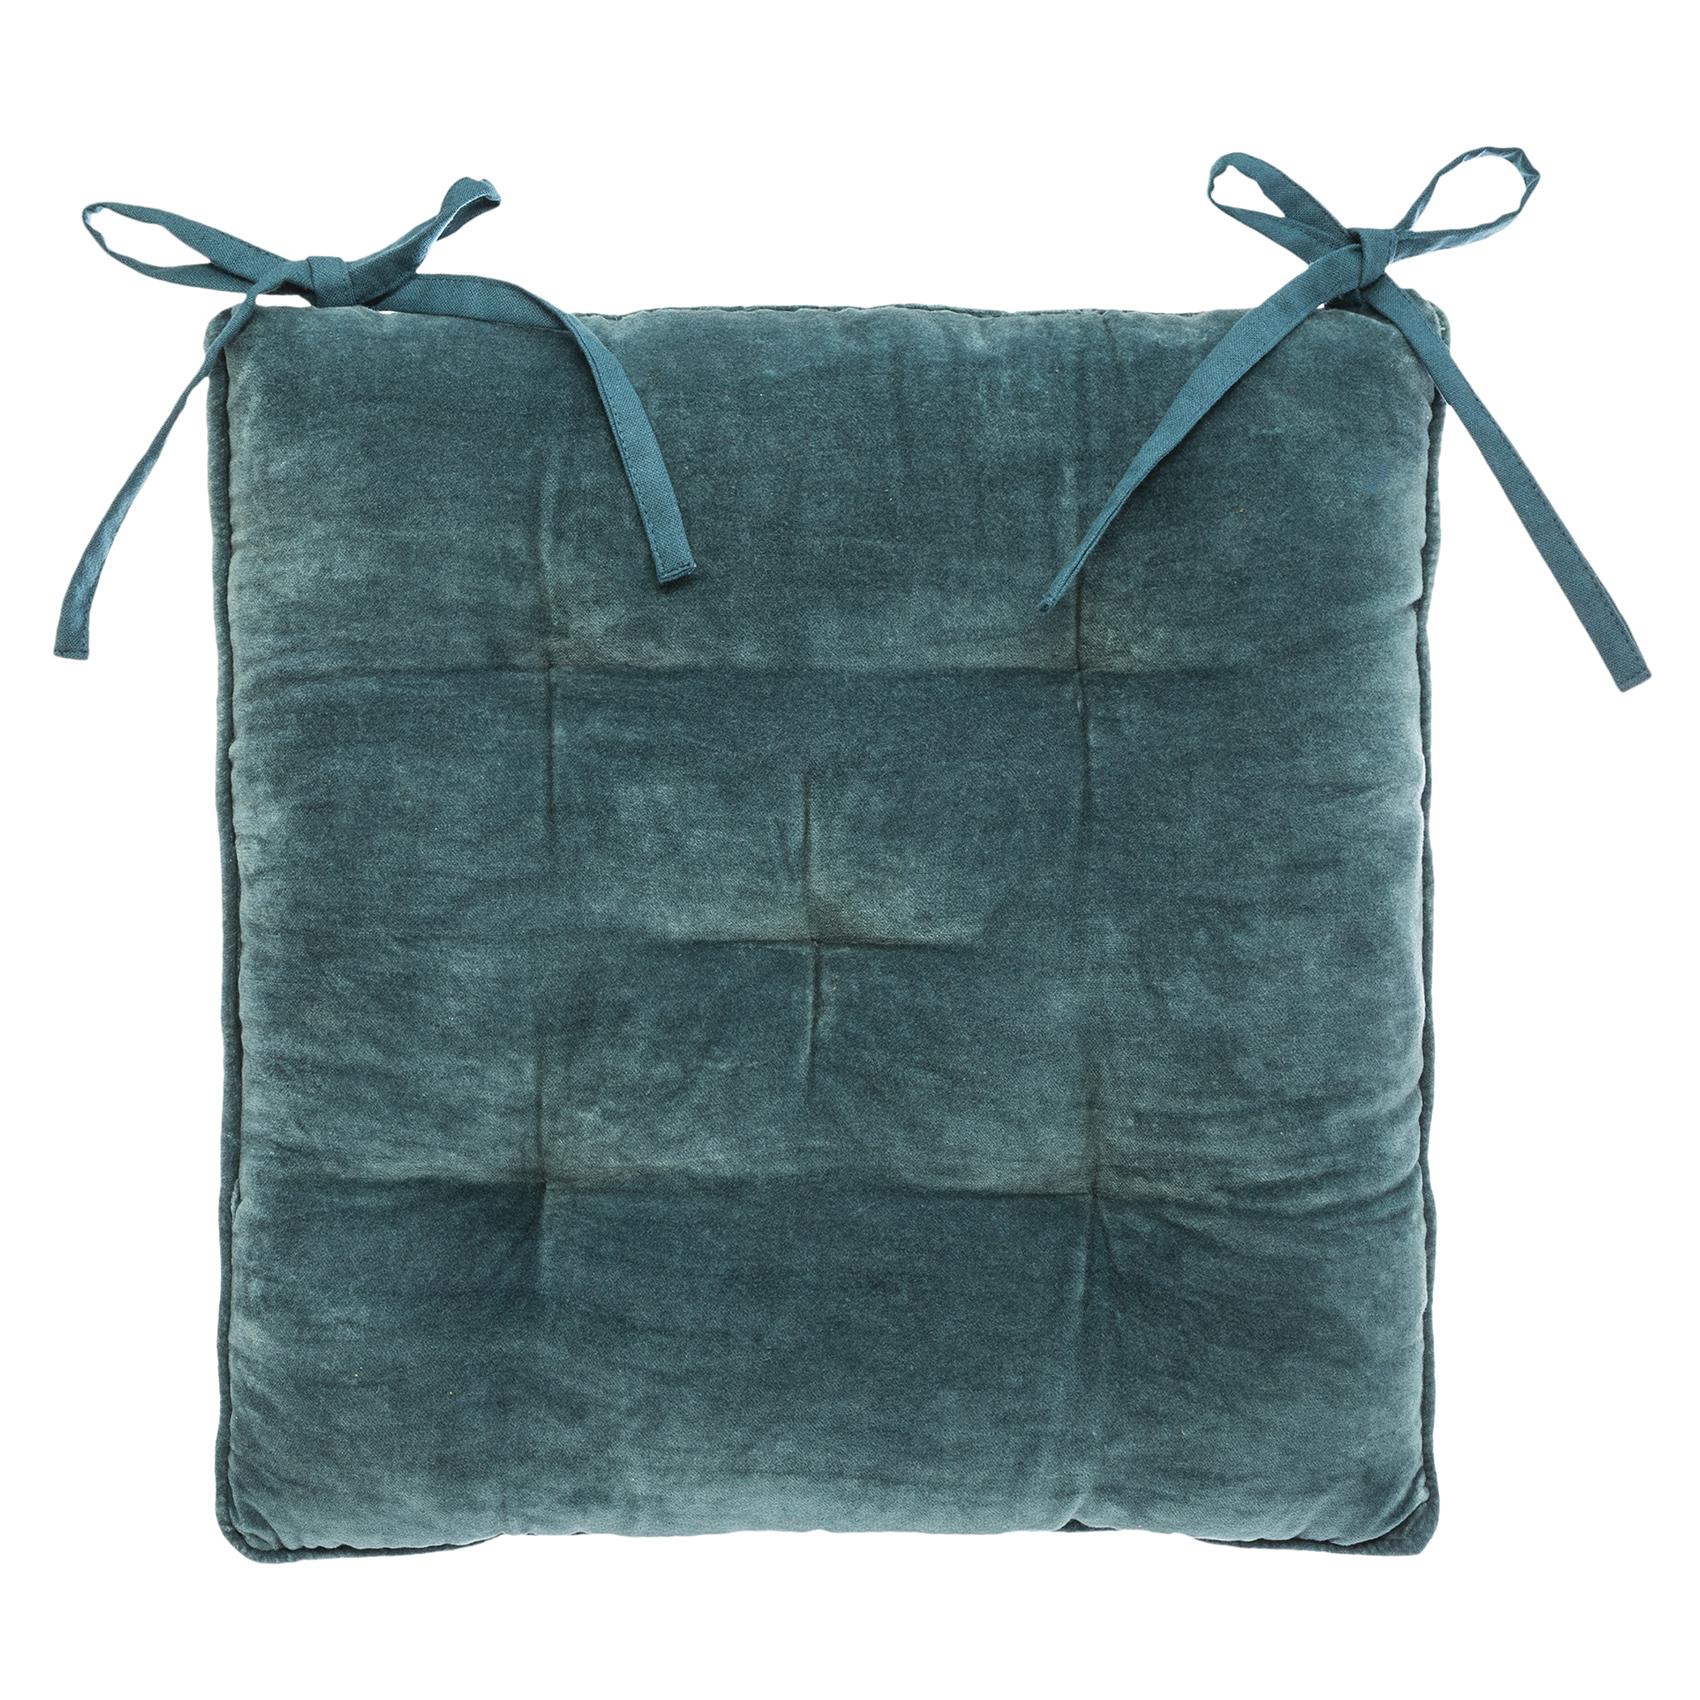 Galette de chaise épaisse en velours coton bleu 38x38